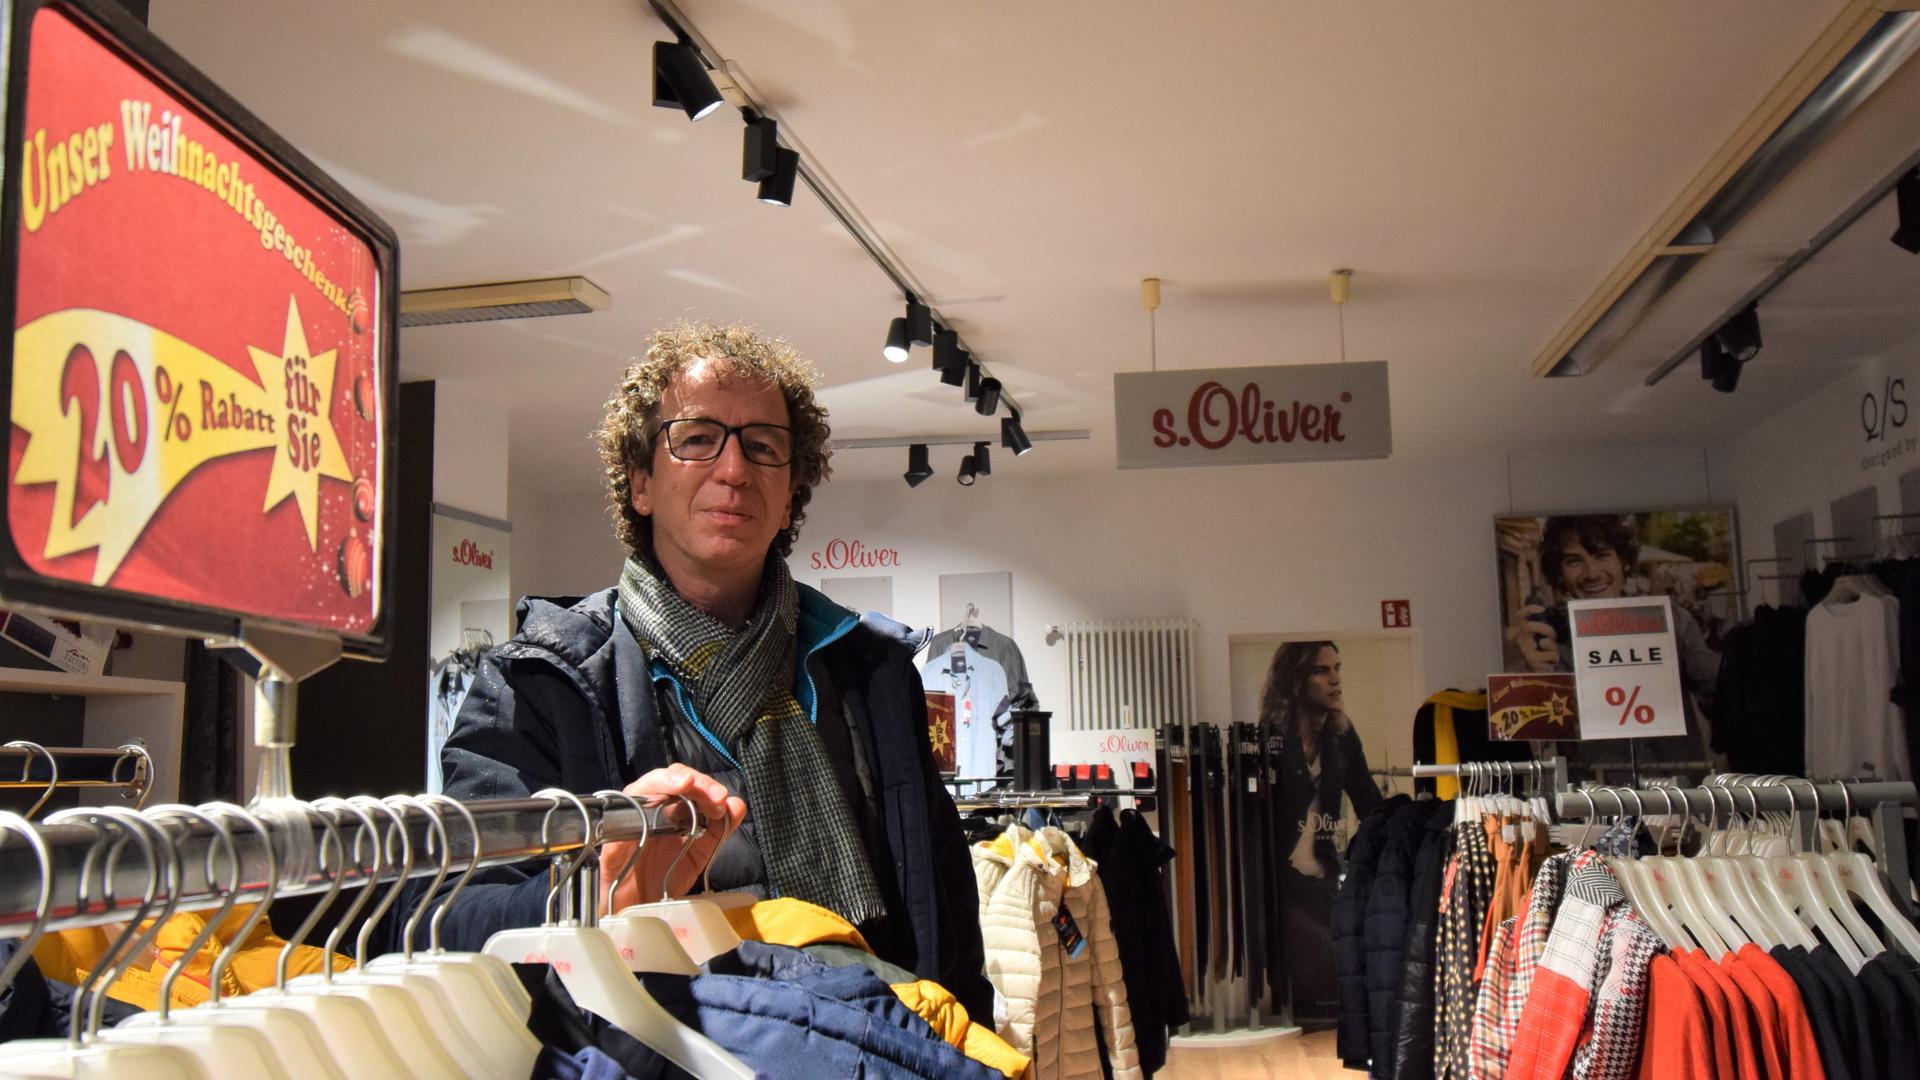 Auf den Winterklamotten bleibt er wohl sitzen: Wolfgang Elsässer in seinem s.Oliver-Geschäft im Malscher Ortskern. Die Schließung des Einzelhandels trifft den Unternehmer hart.